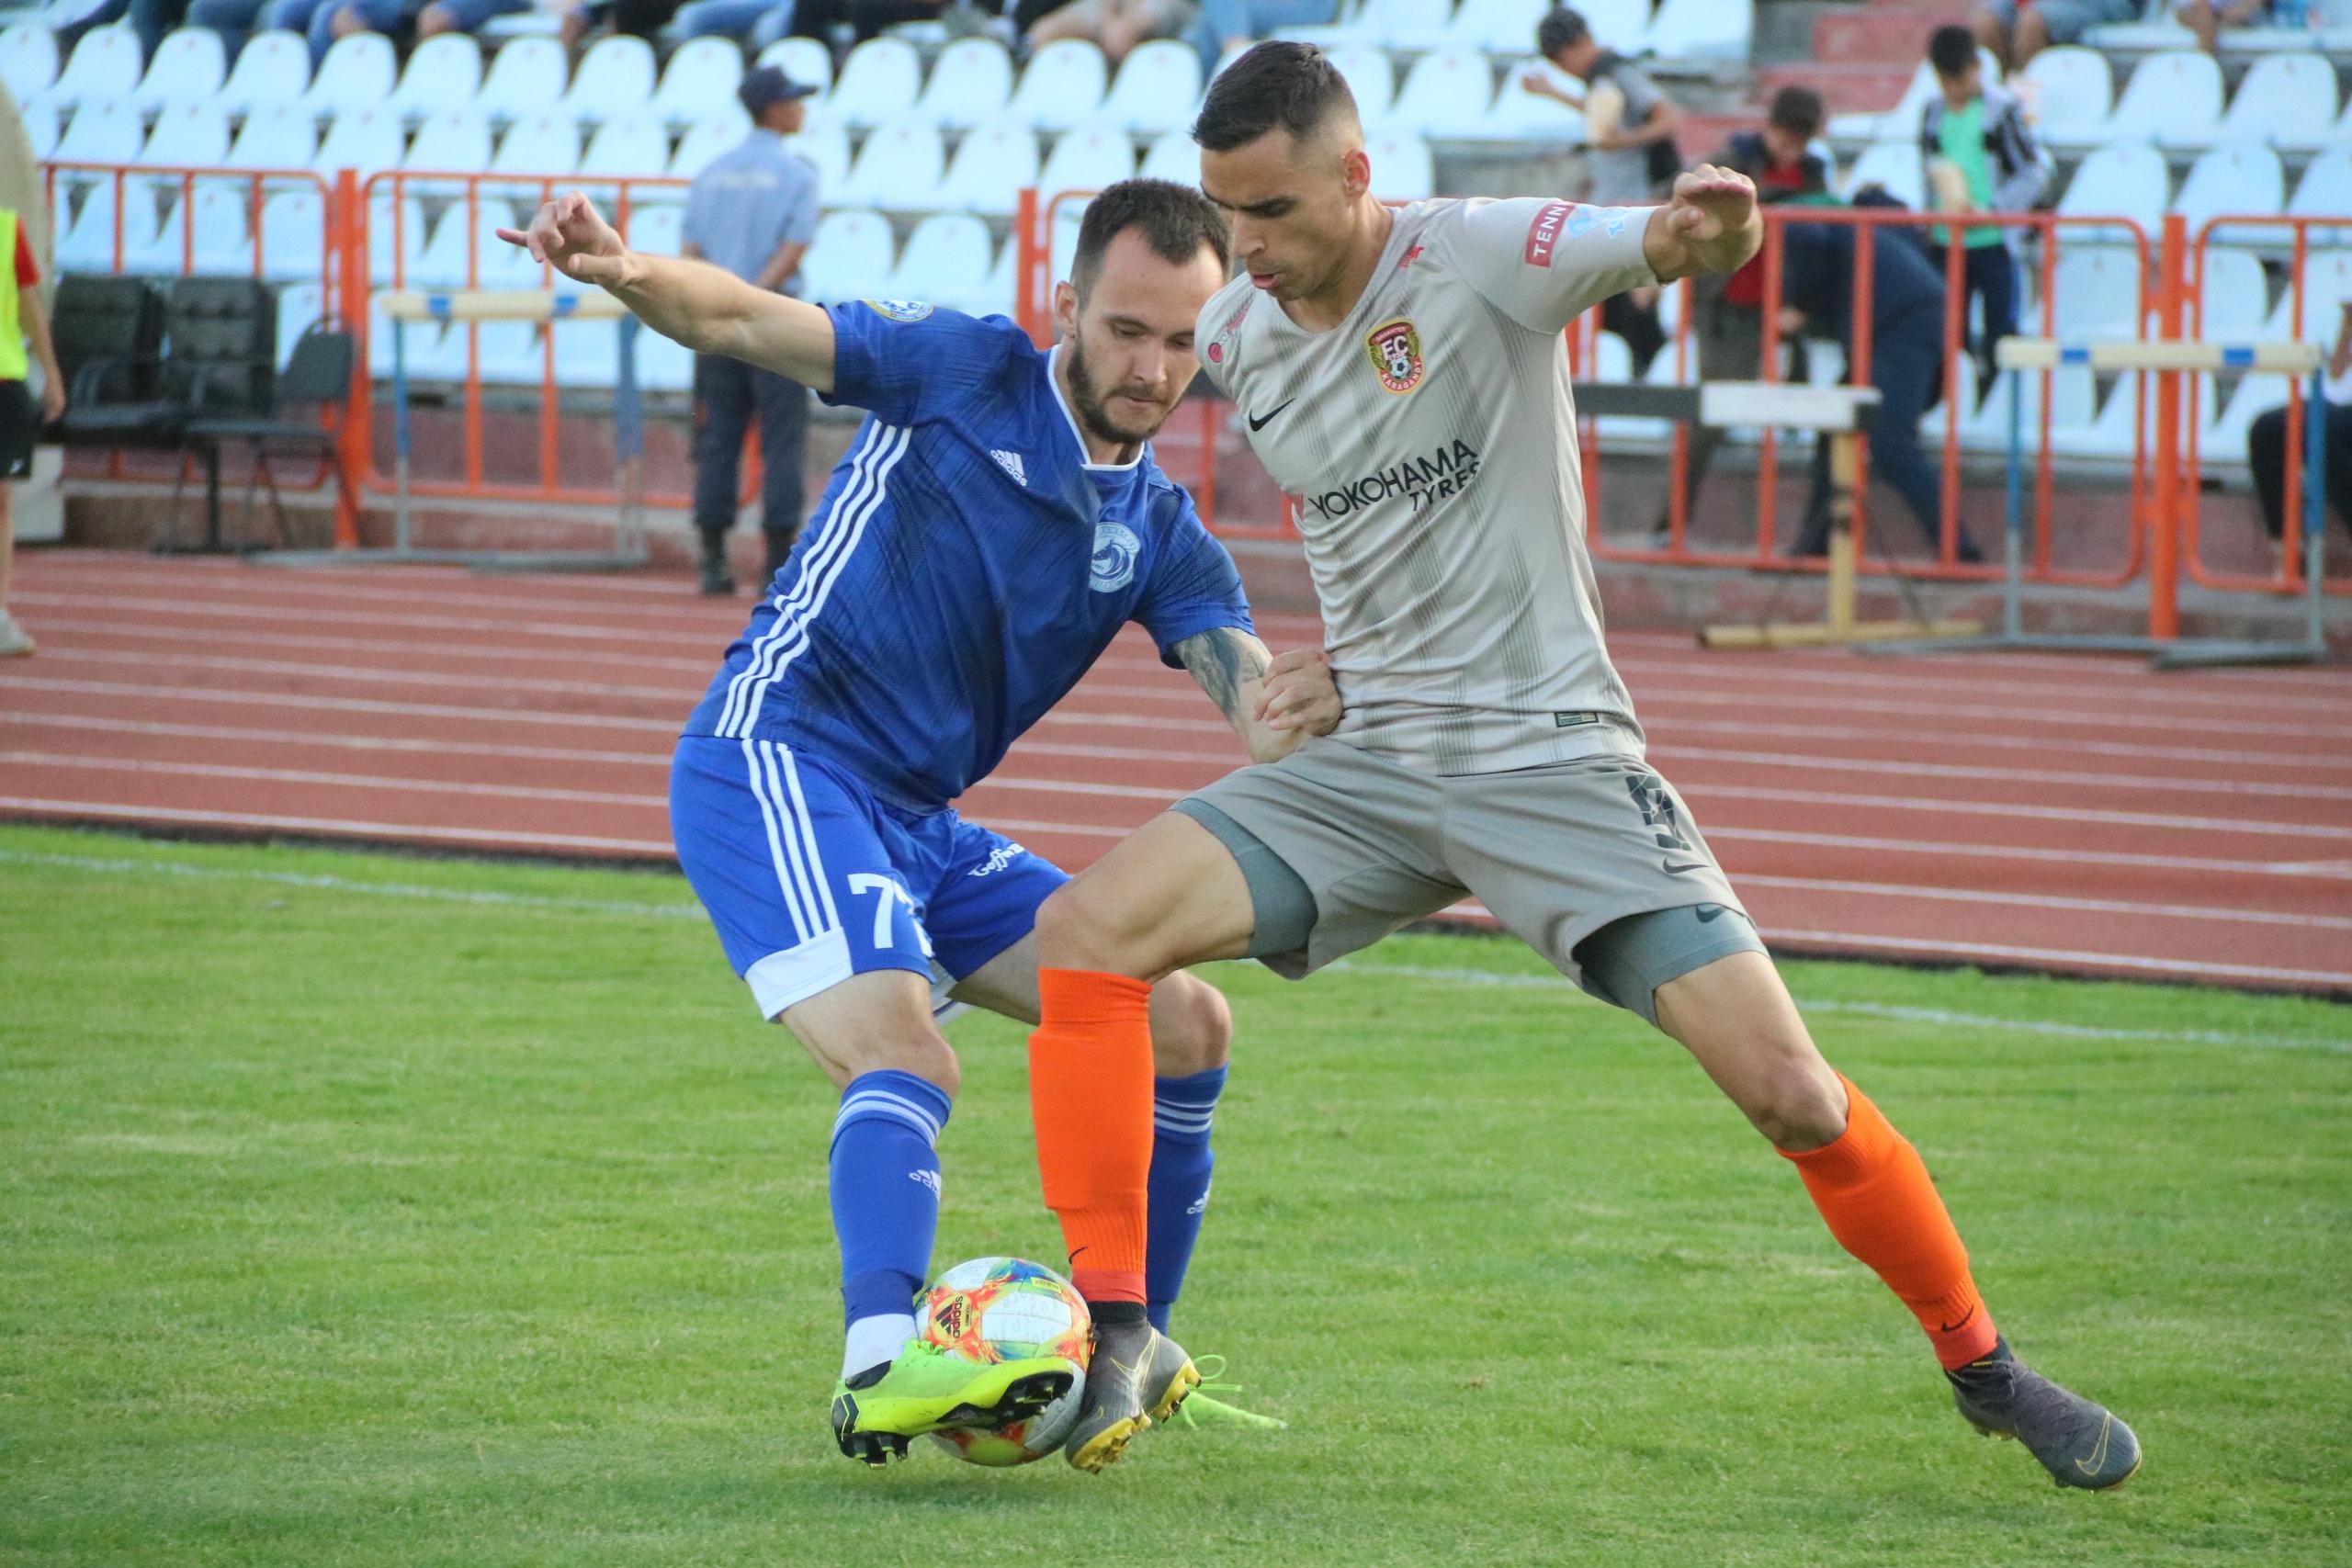 Келісілген кездесулер: Еліміздегі футбол дүрбелеңдері - на sport.bugin.kz